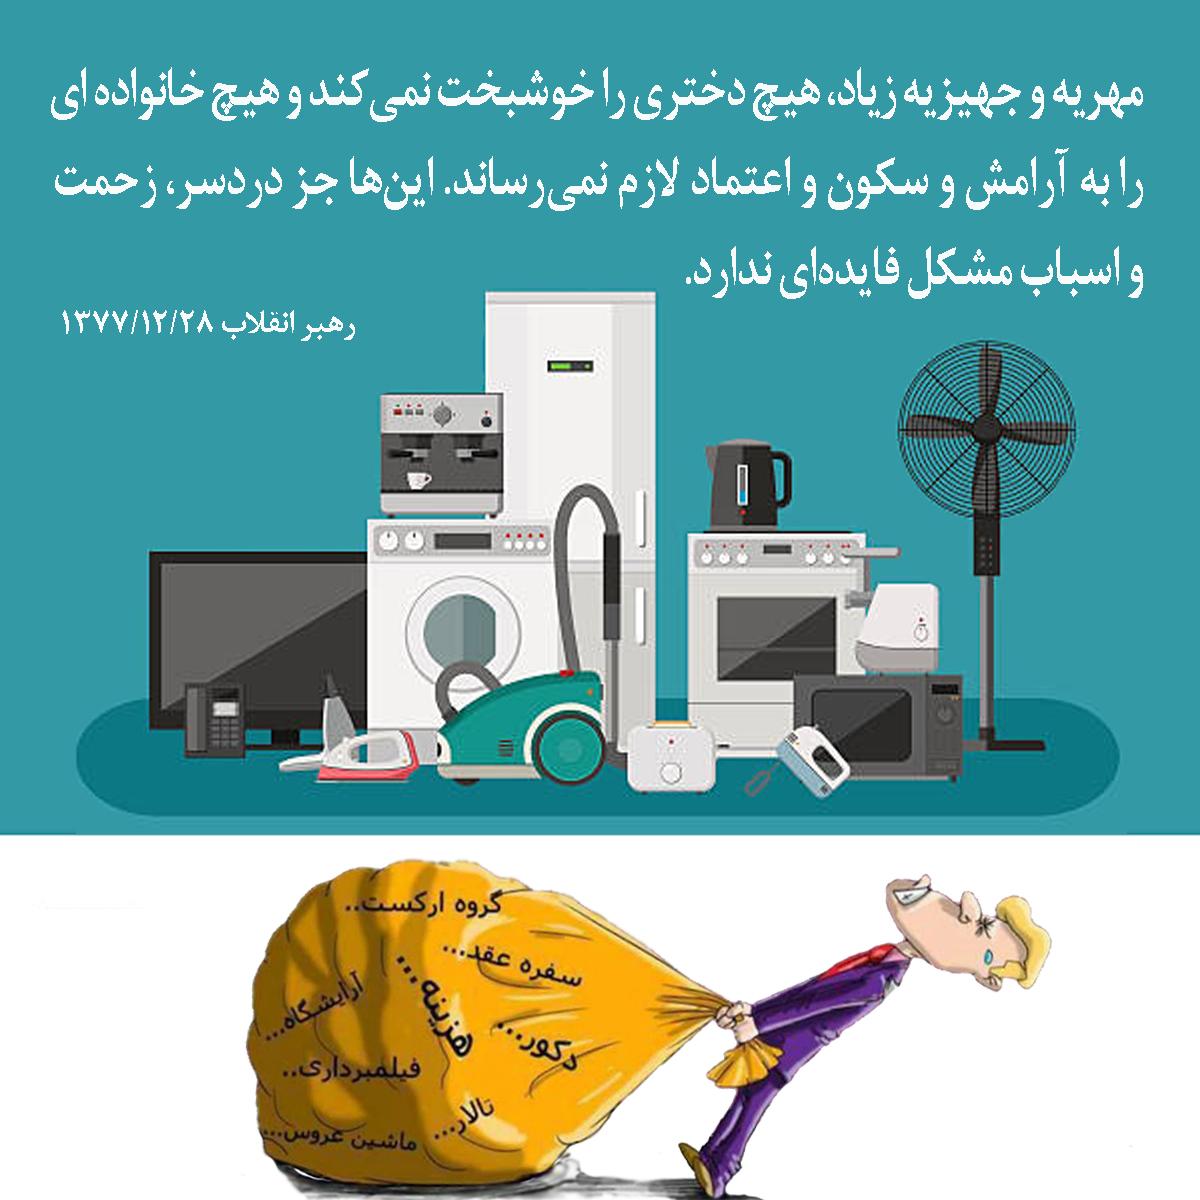 مهریه,جهیزیه